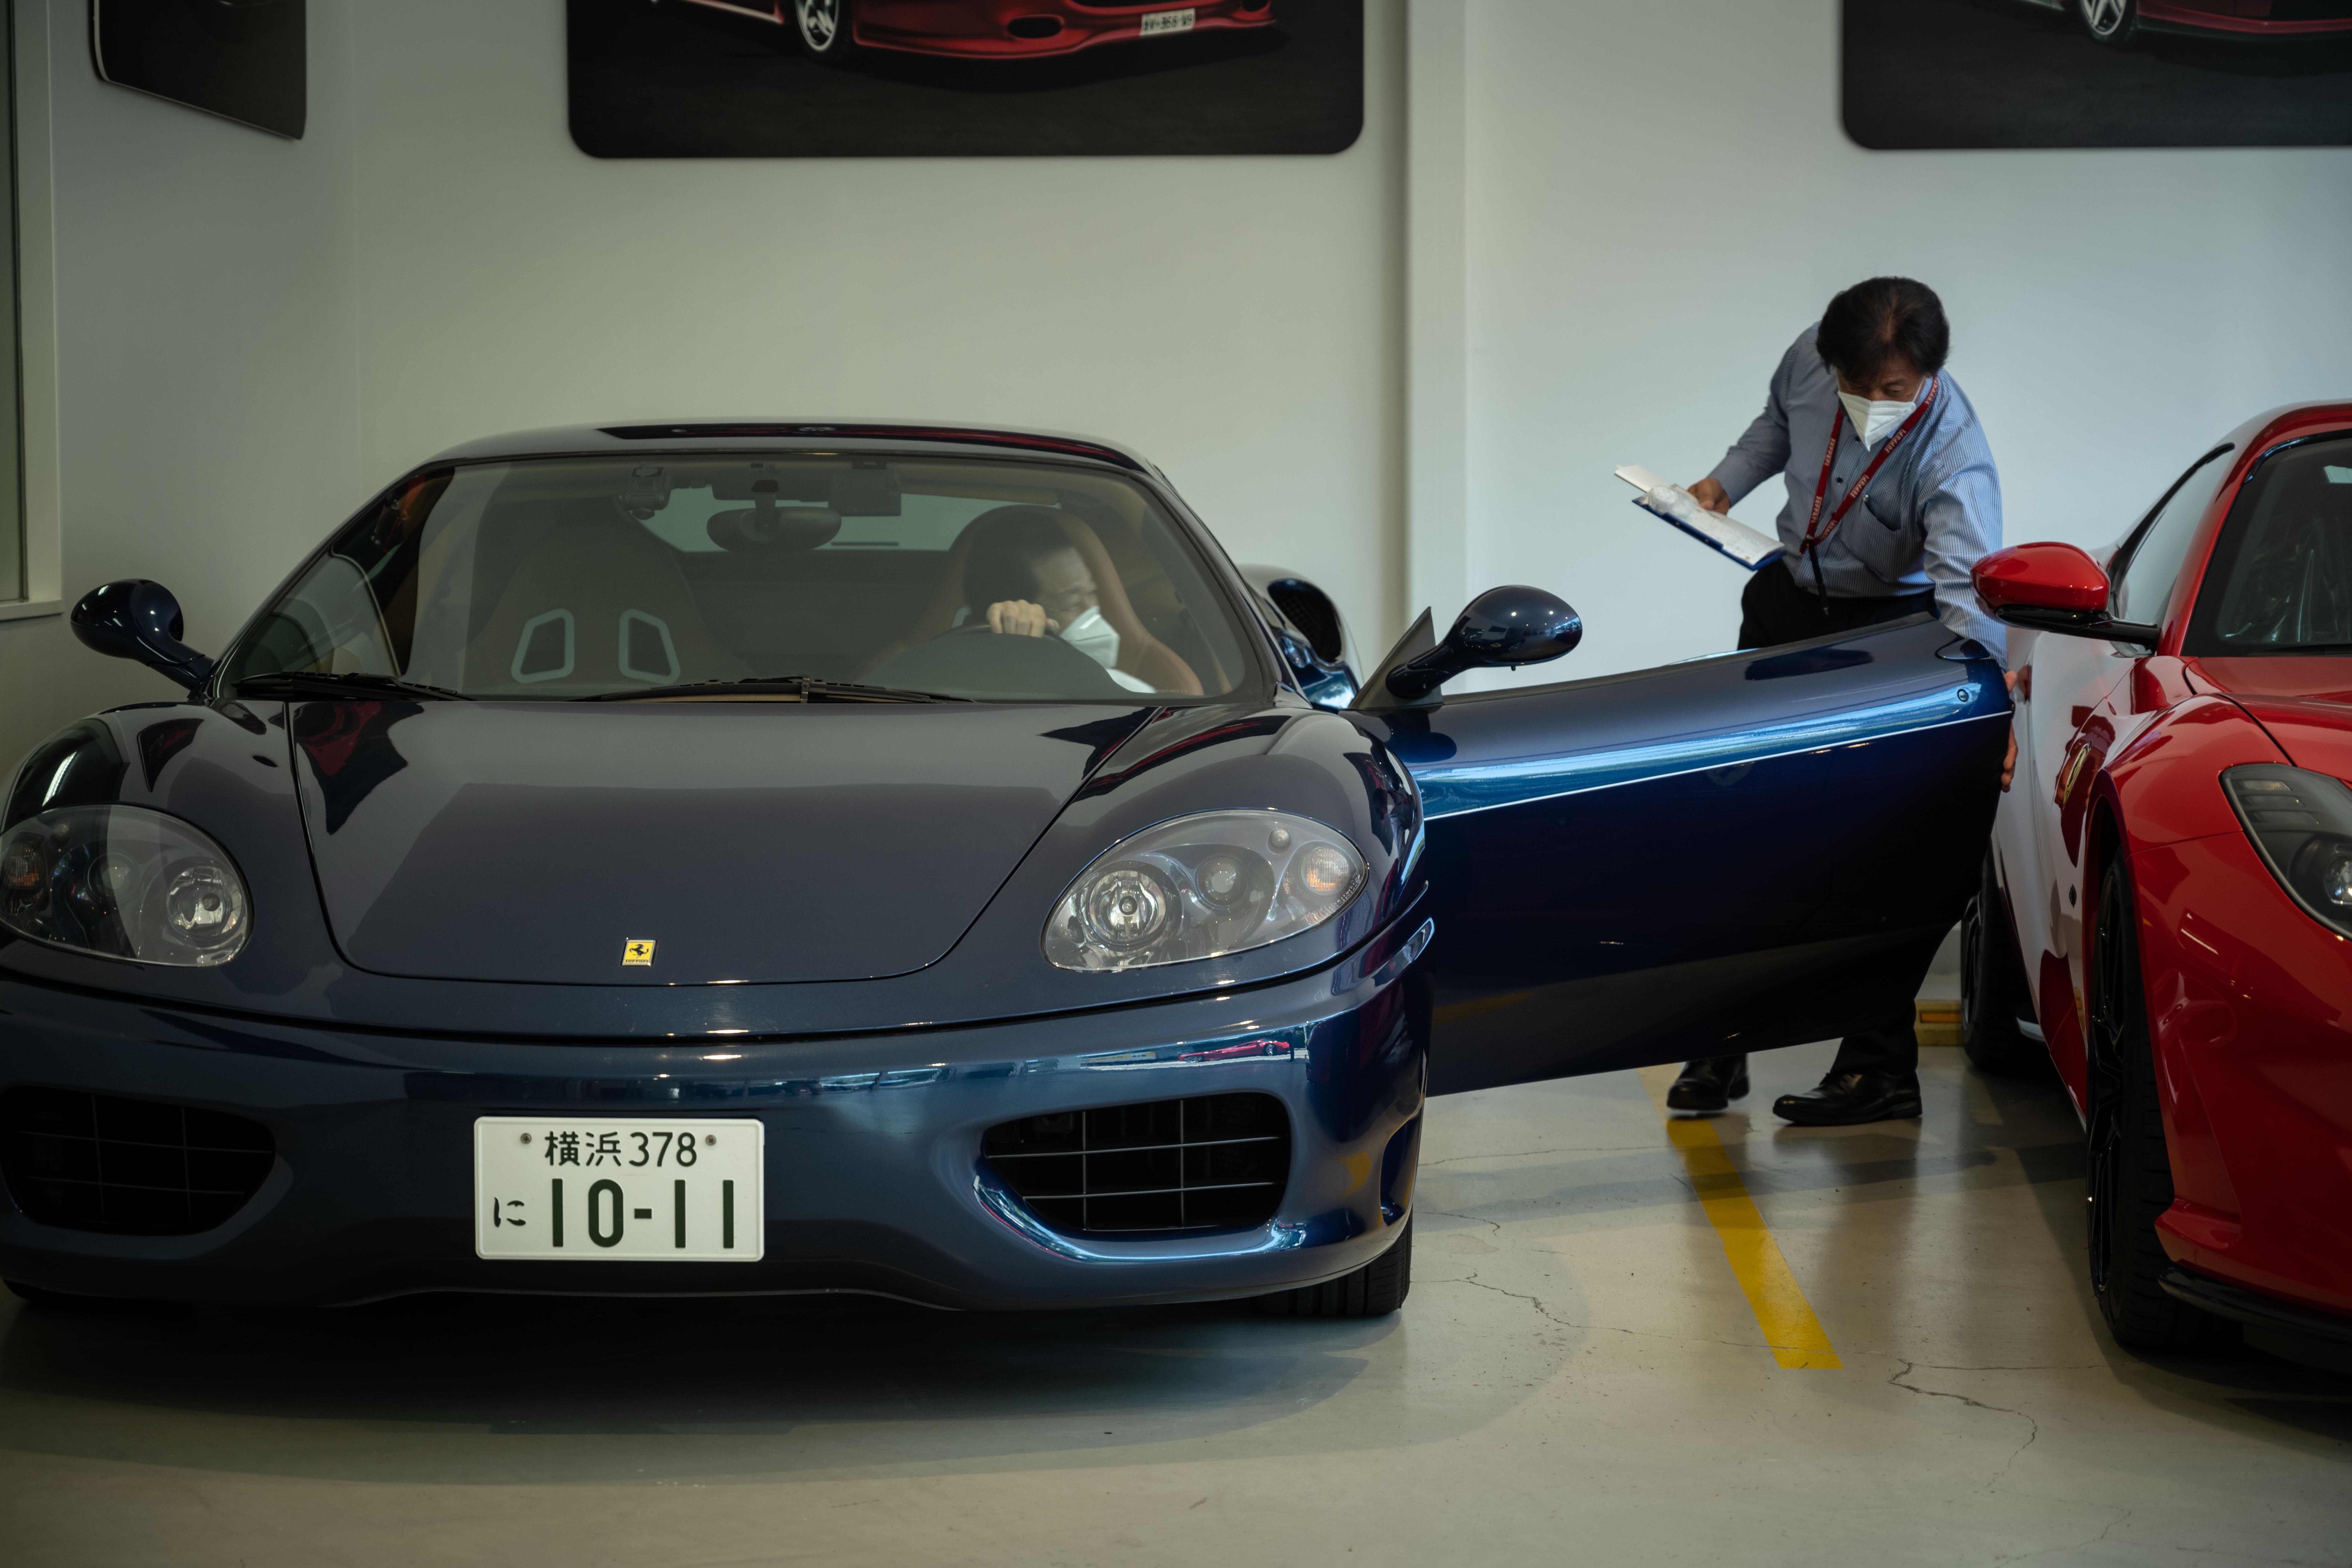 29歳、フェラーリを買う──Vol.113要整備箇所発見!